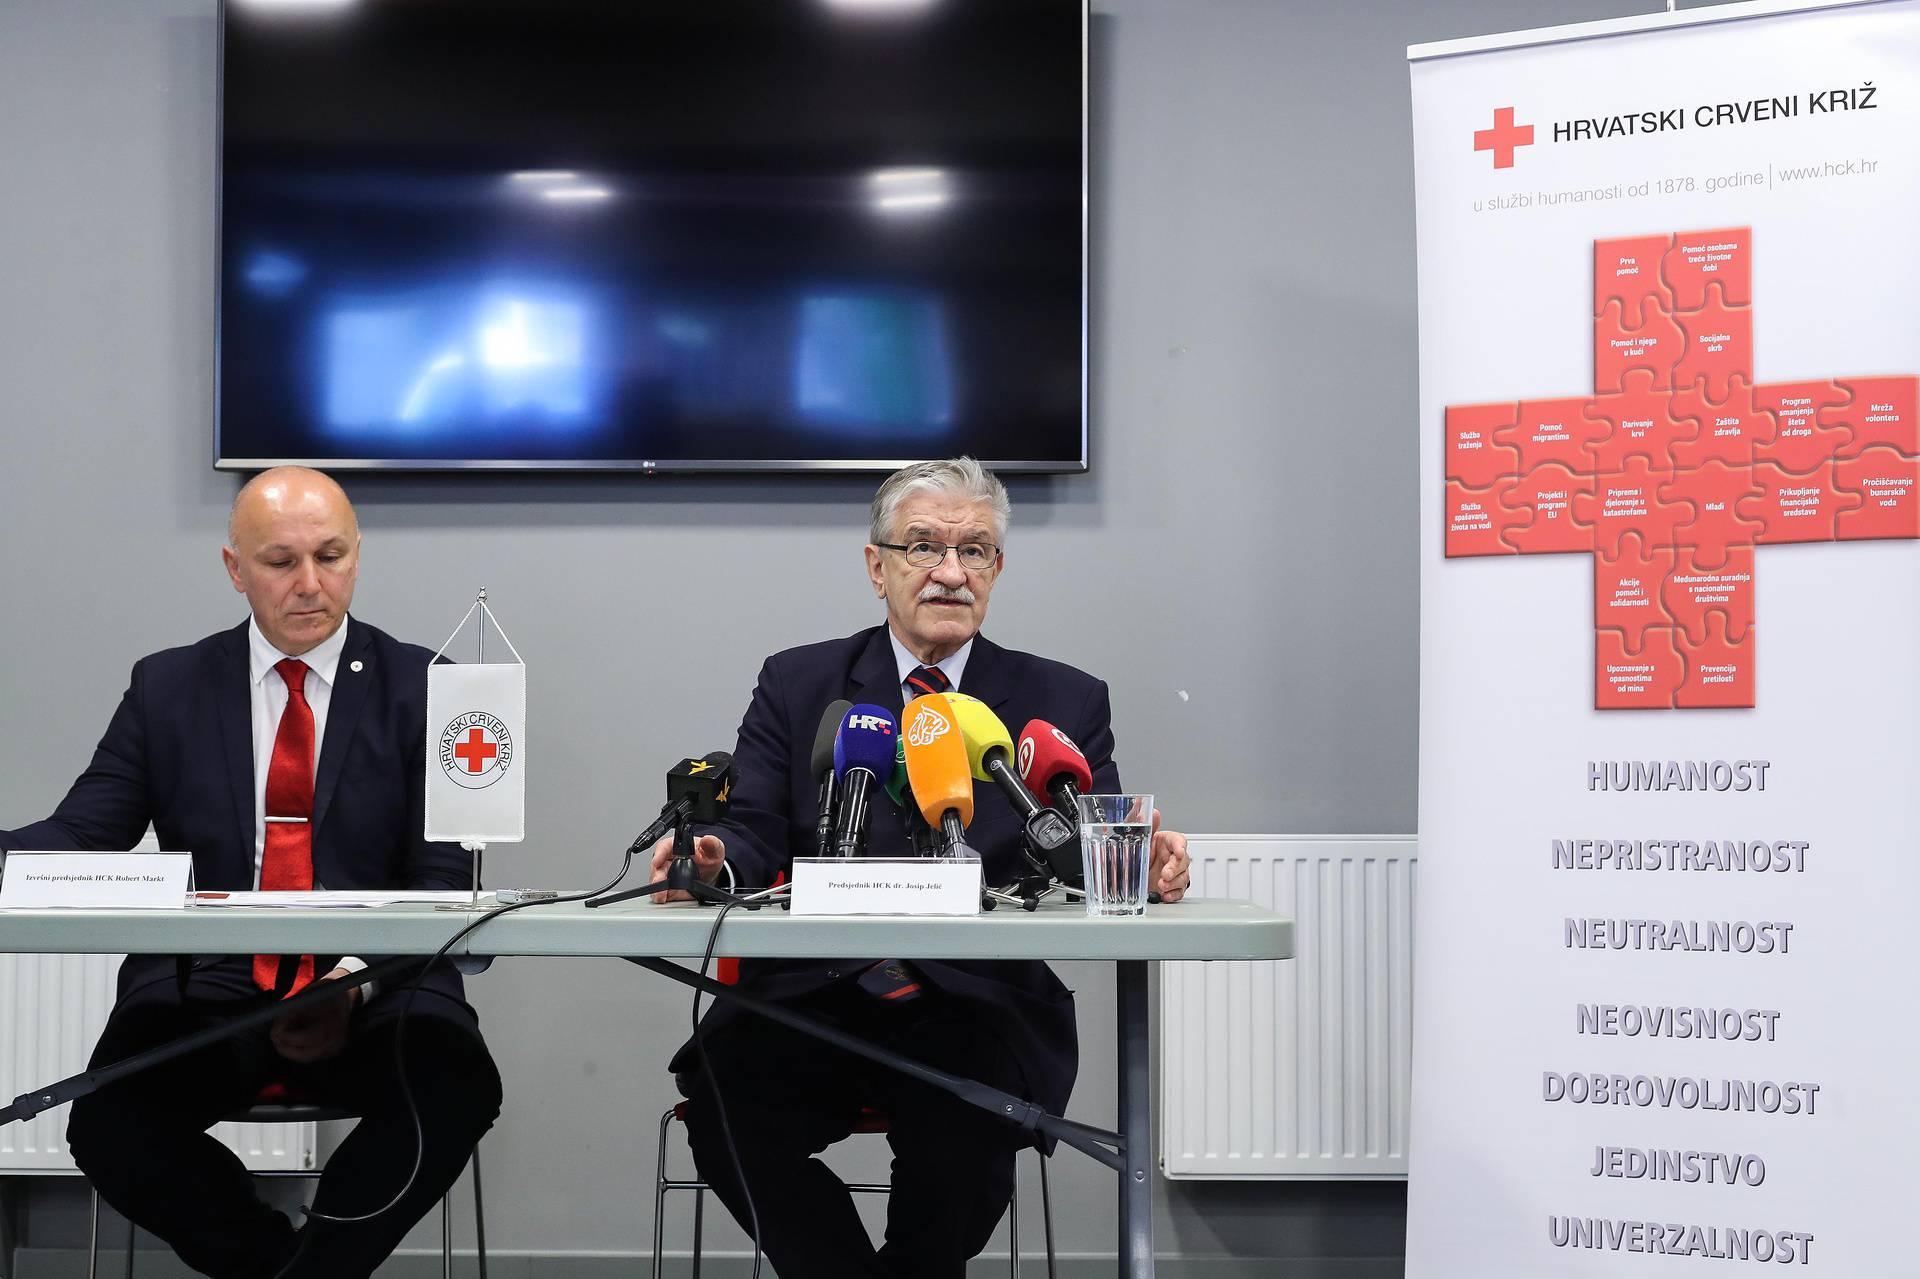 Zagreb: Crveni križ predstavio projekt namijenjen osobama koje su izgubile posao zbog korone